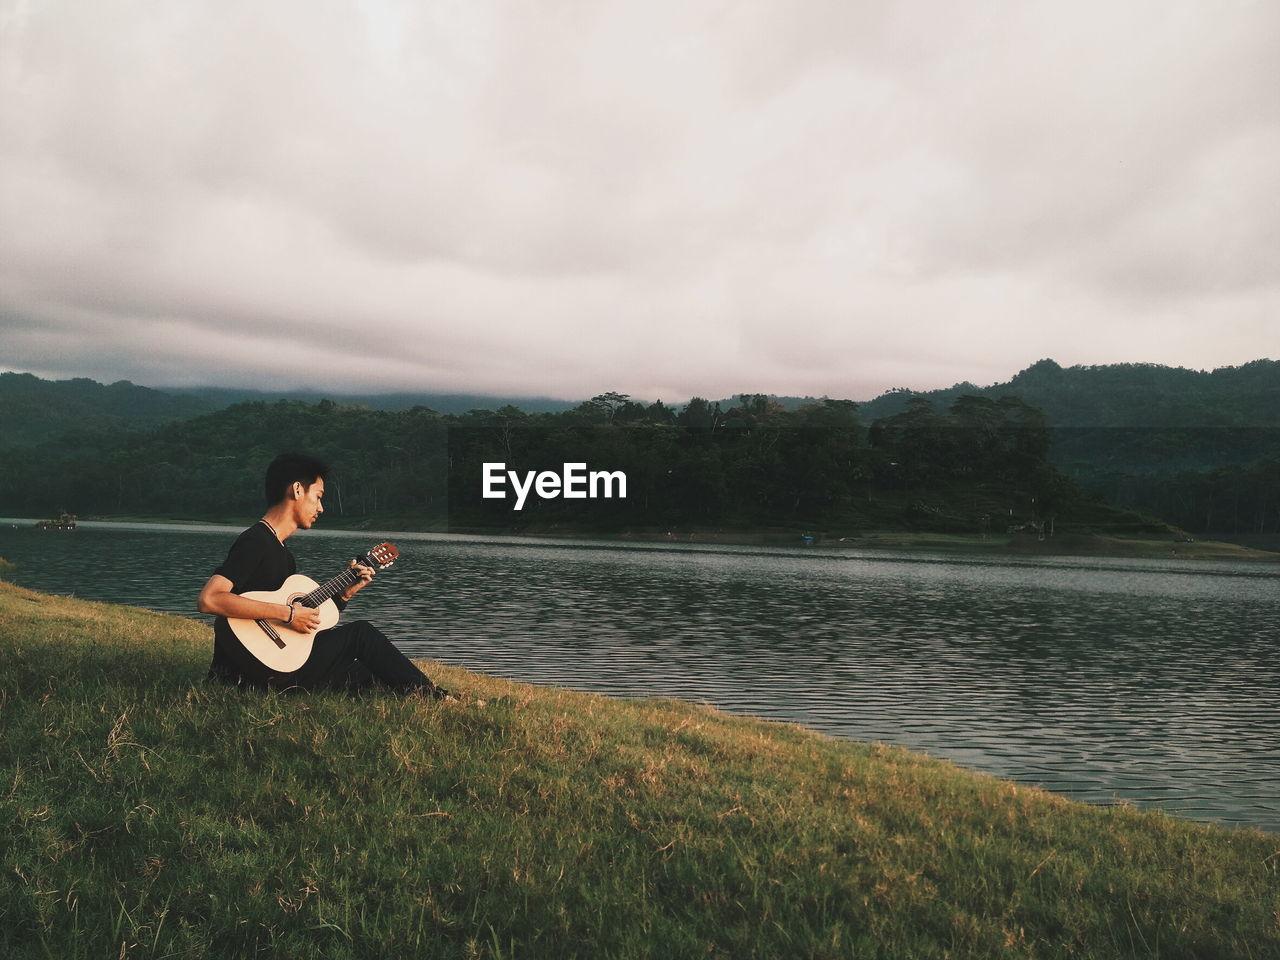 Man playing guitar at lakeshore against sky